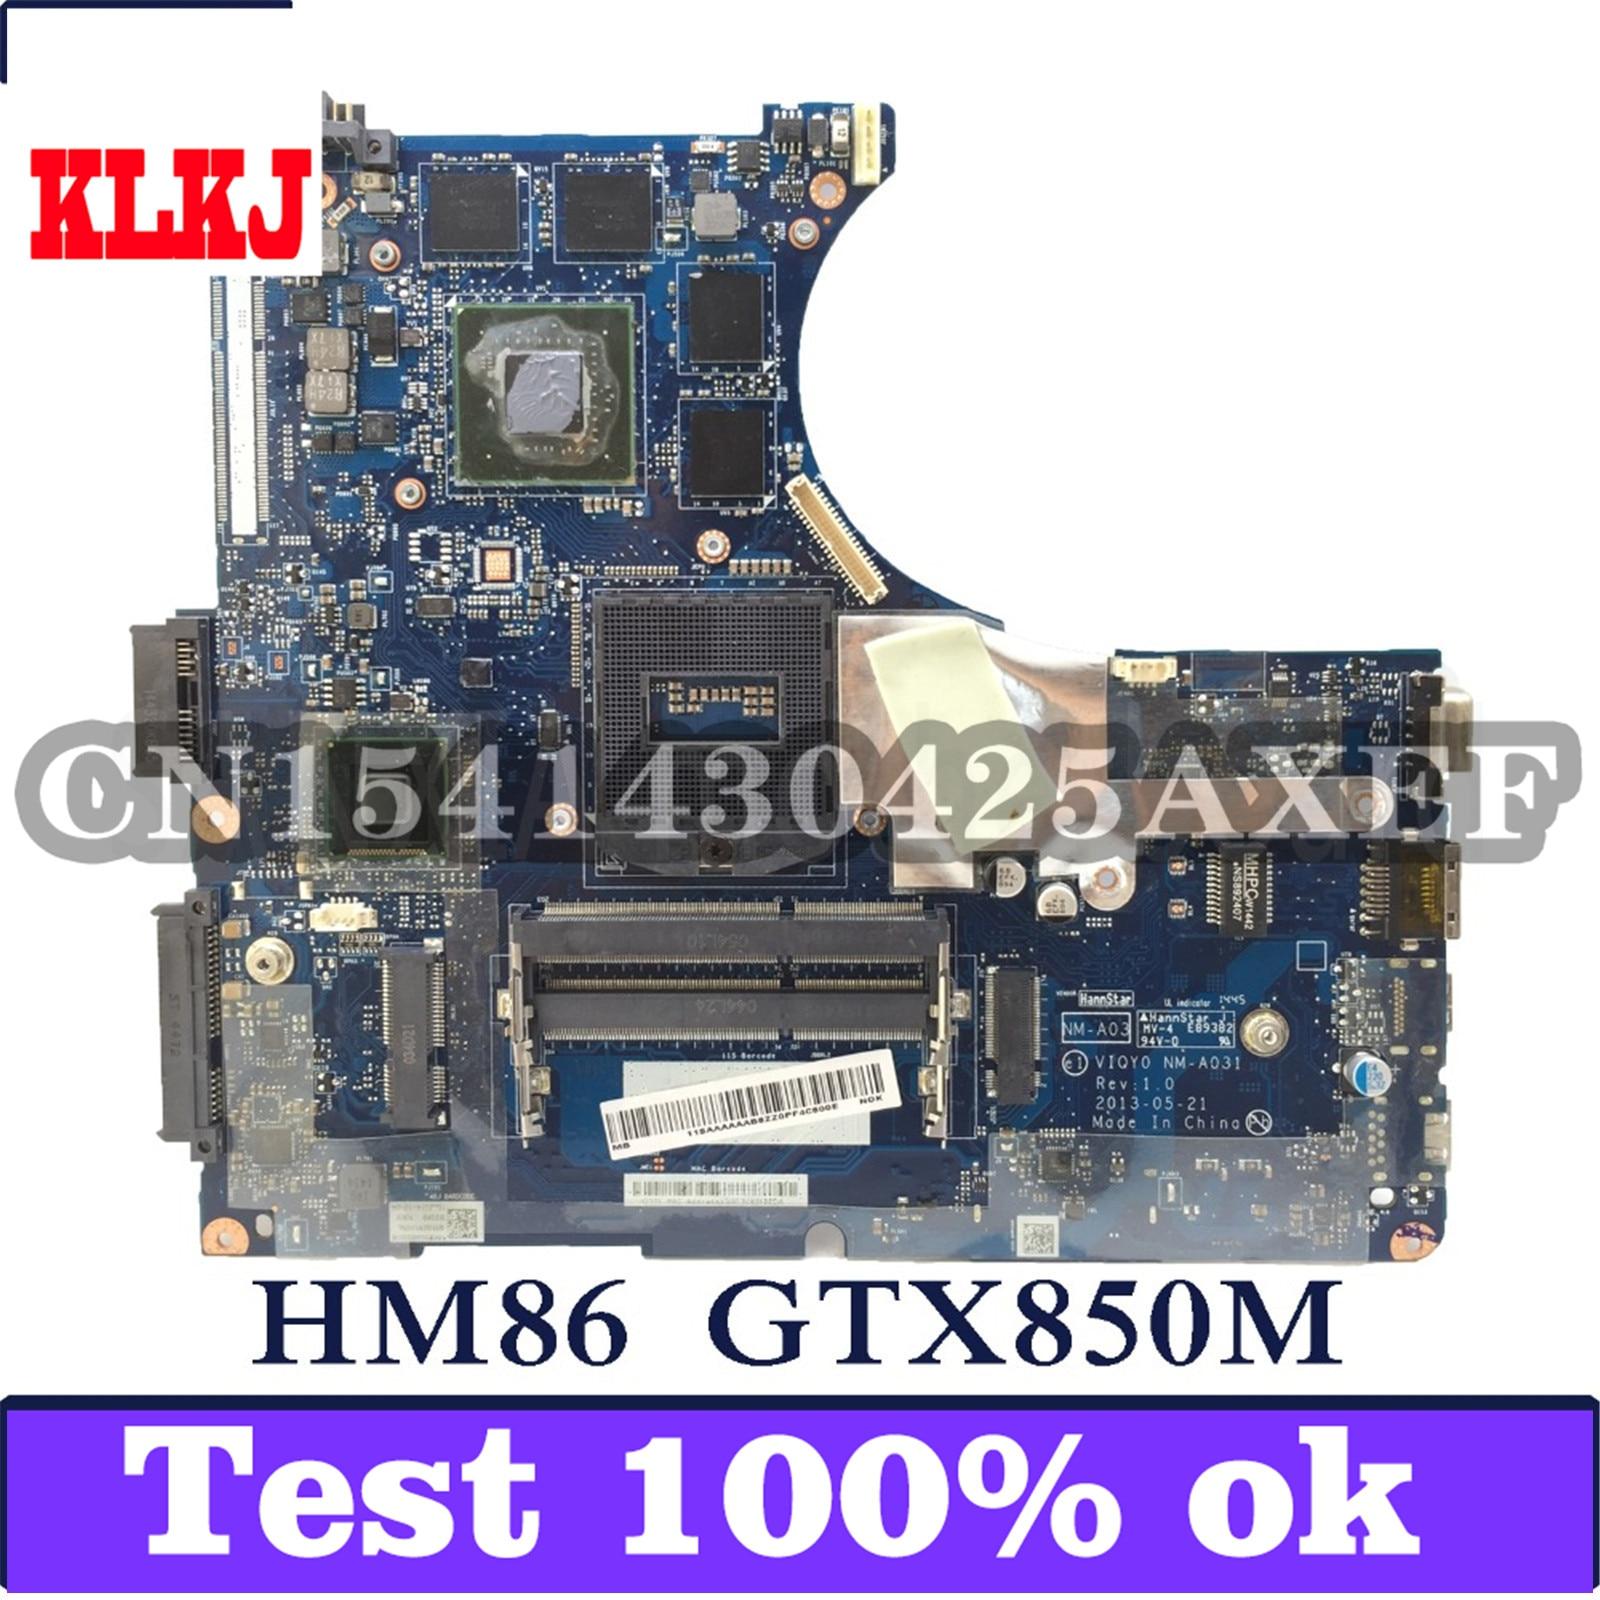 KLKJ VIQY0 NM-A031 اللوحة الأم للكمبيوتر المحمول لينوفو Y430P اختبار اللوحة الرئيسية الأصلية HM86 GTX850M